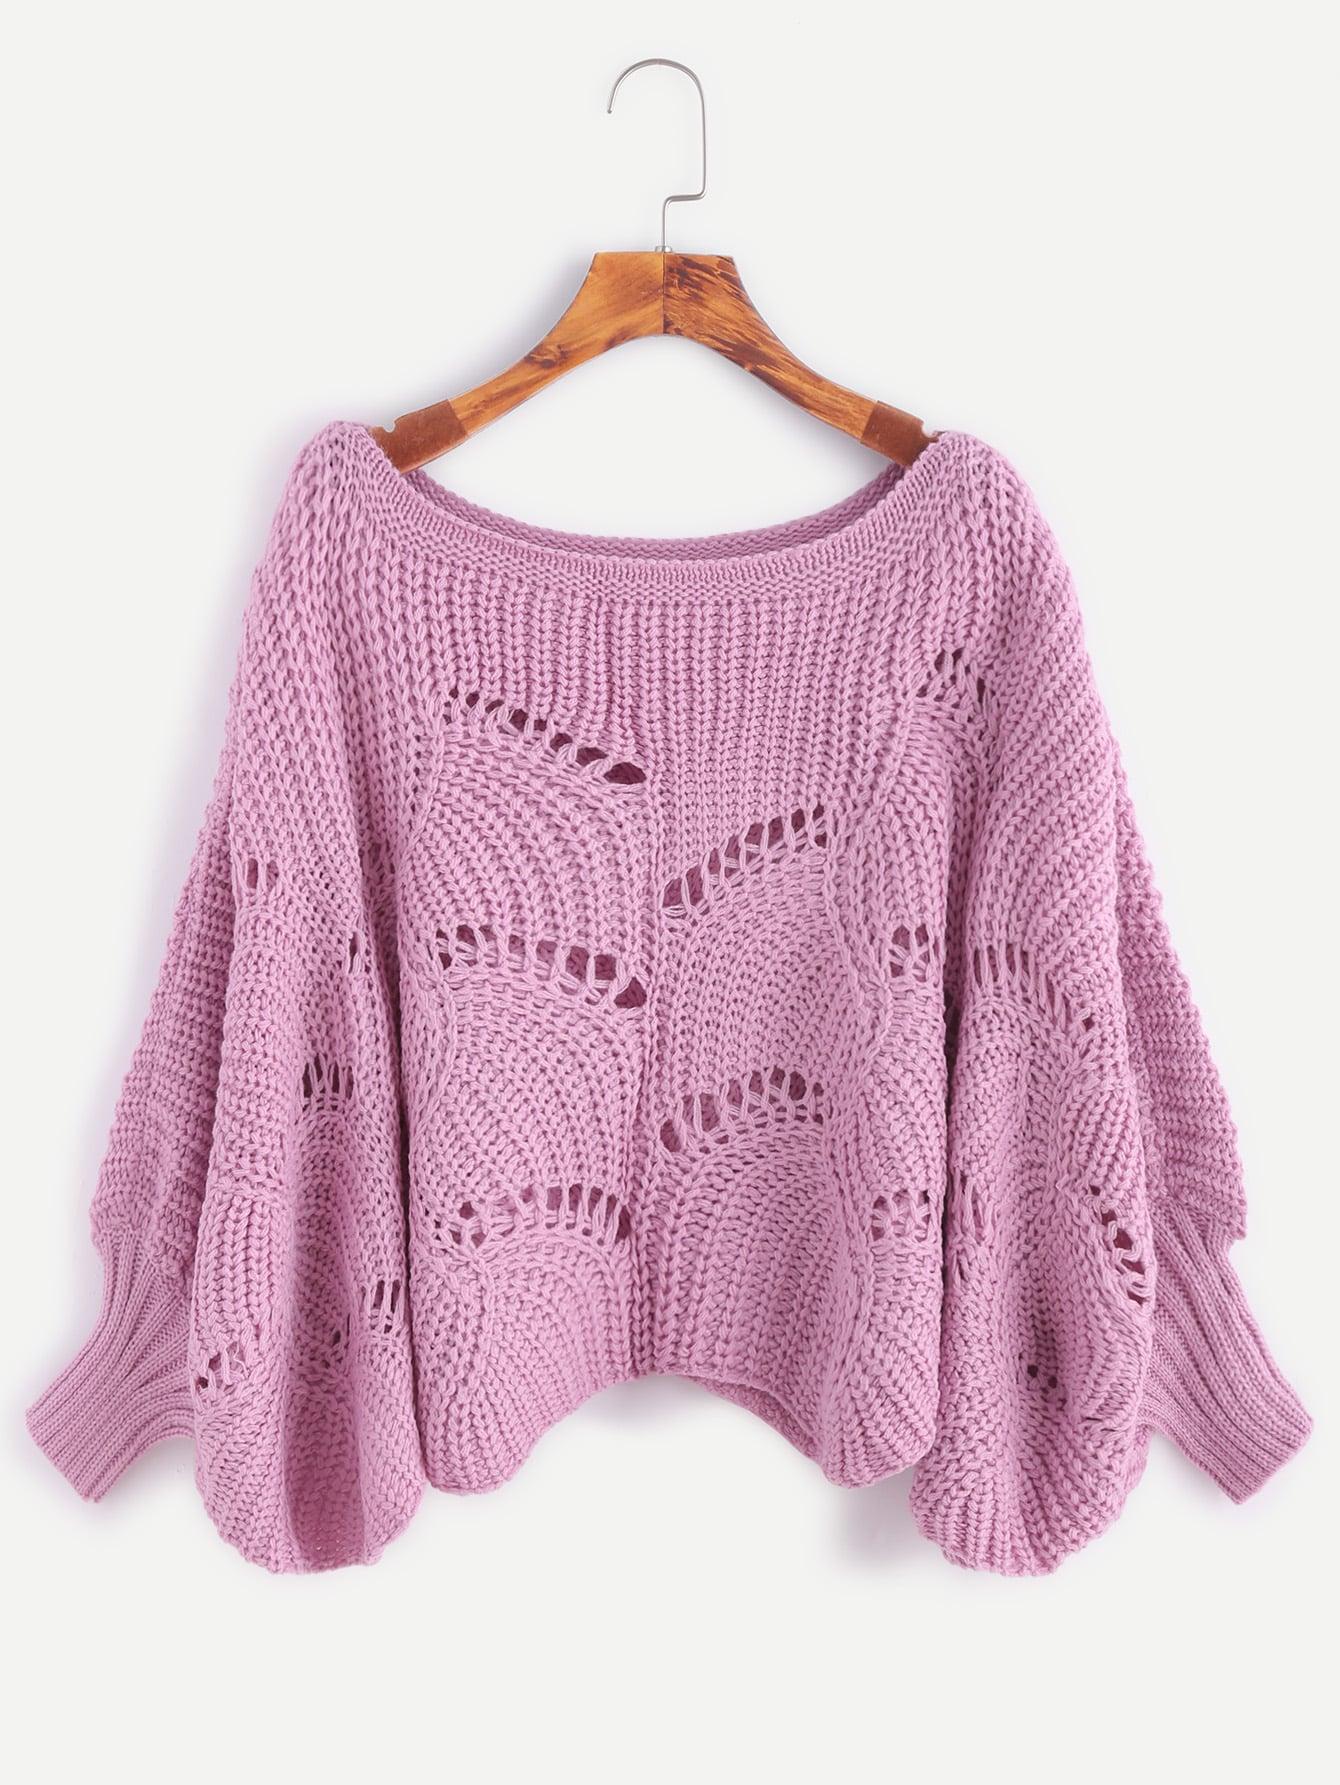 Pink Lantern Sleeve Hollow SweaterPink Lantern Sleeve Hollow Sweater<br><br>color: Pink<br>size: one-size